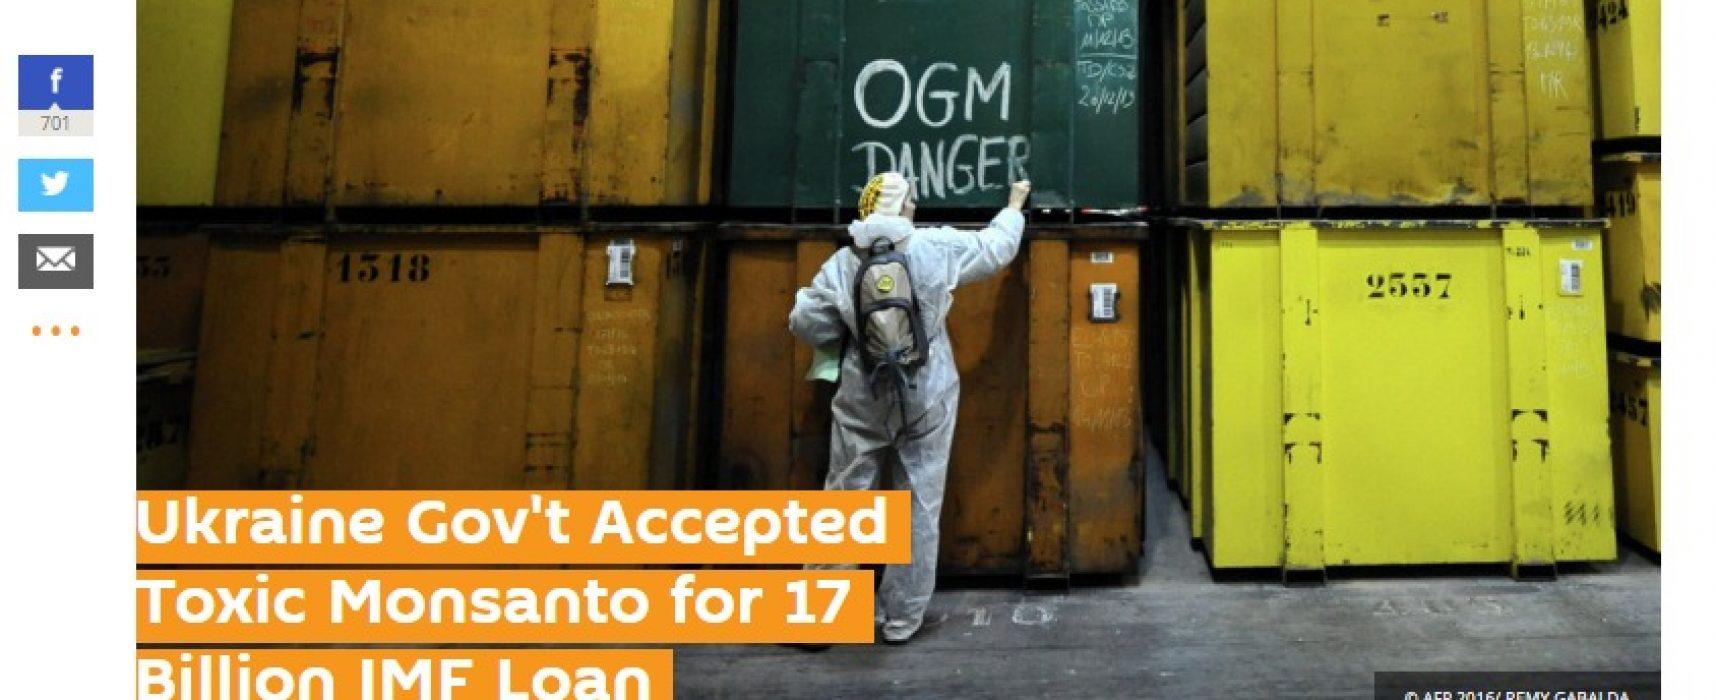 Как СМИ придумали связь между Соглашением об ассоциации и ГМО